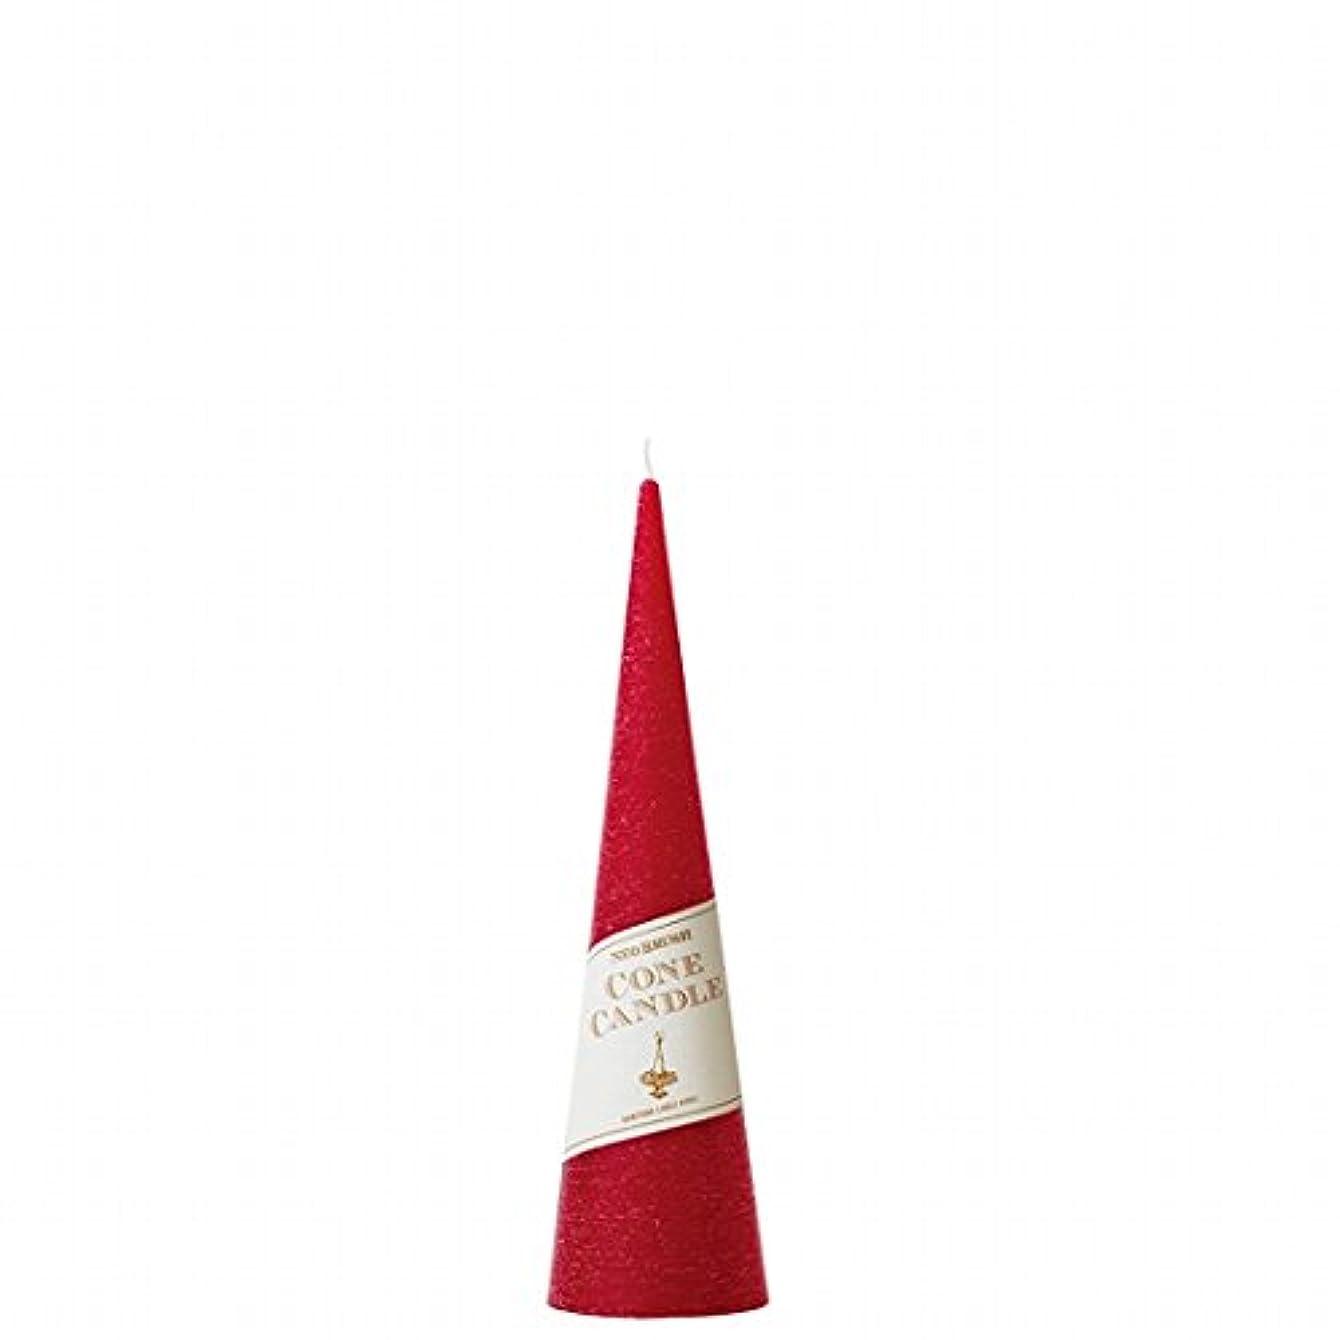 中古決定するパスタkameyama candle(カメヤマキャンドル) ネオブラッシュコーン 180 キャンドル 「 レッド 」(A9750010R)